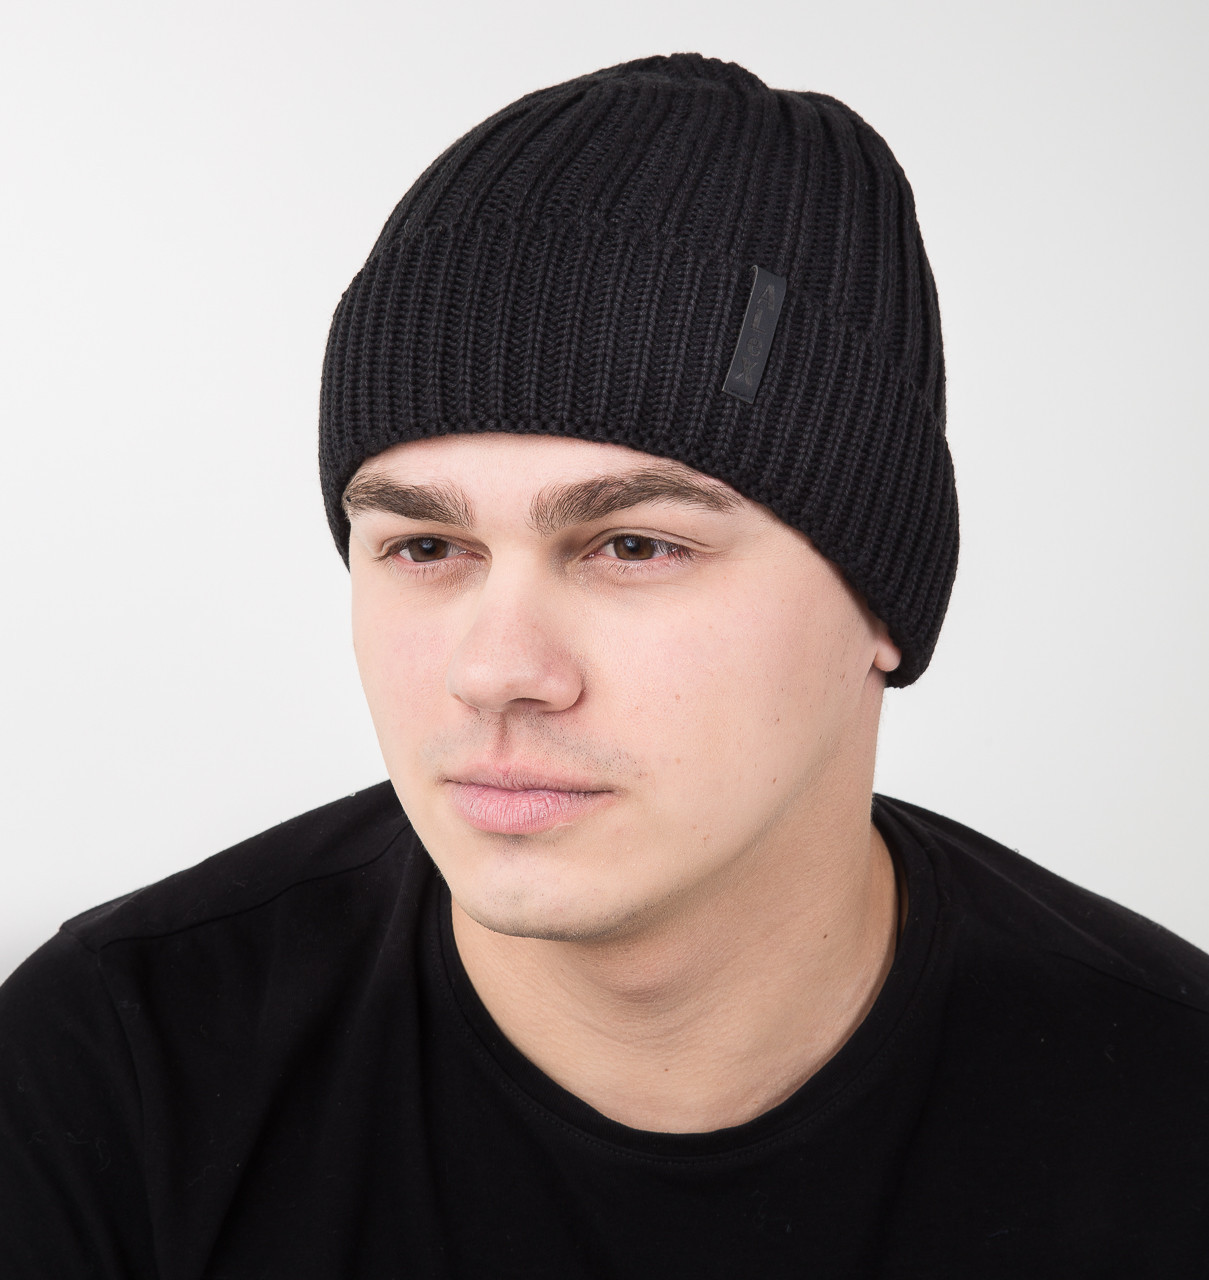 Зимняя вязаная мужская шапка на флисе черного цвета - Арт AL17022